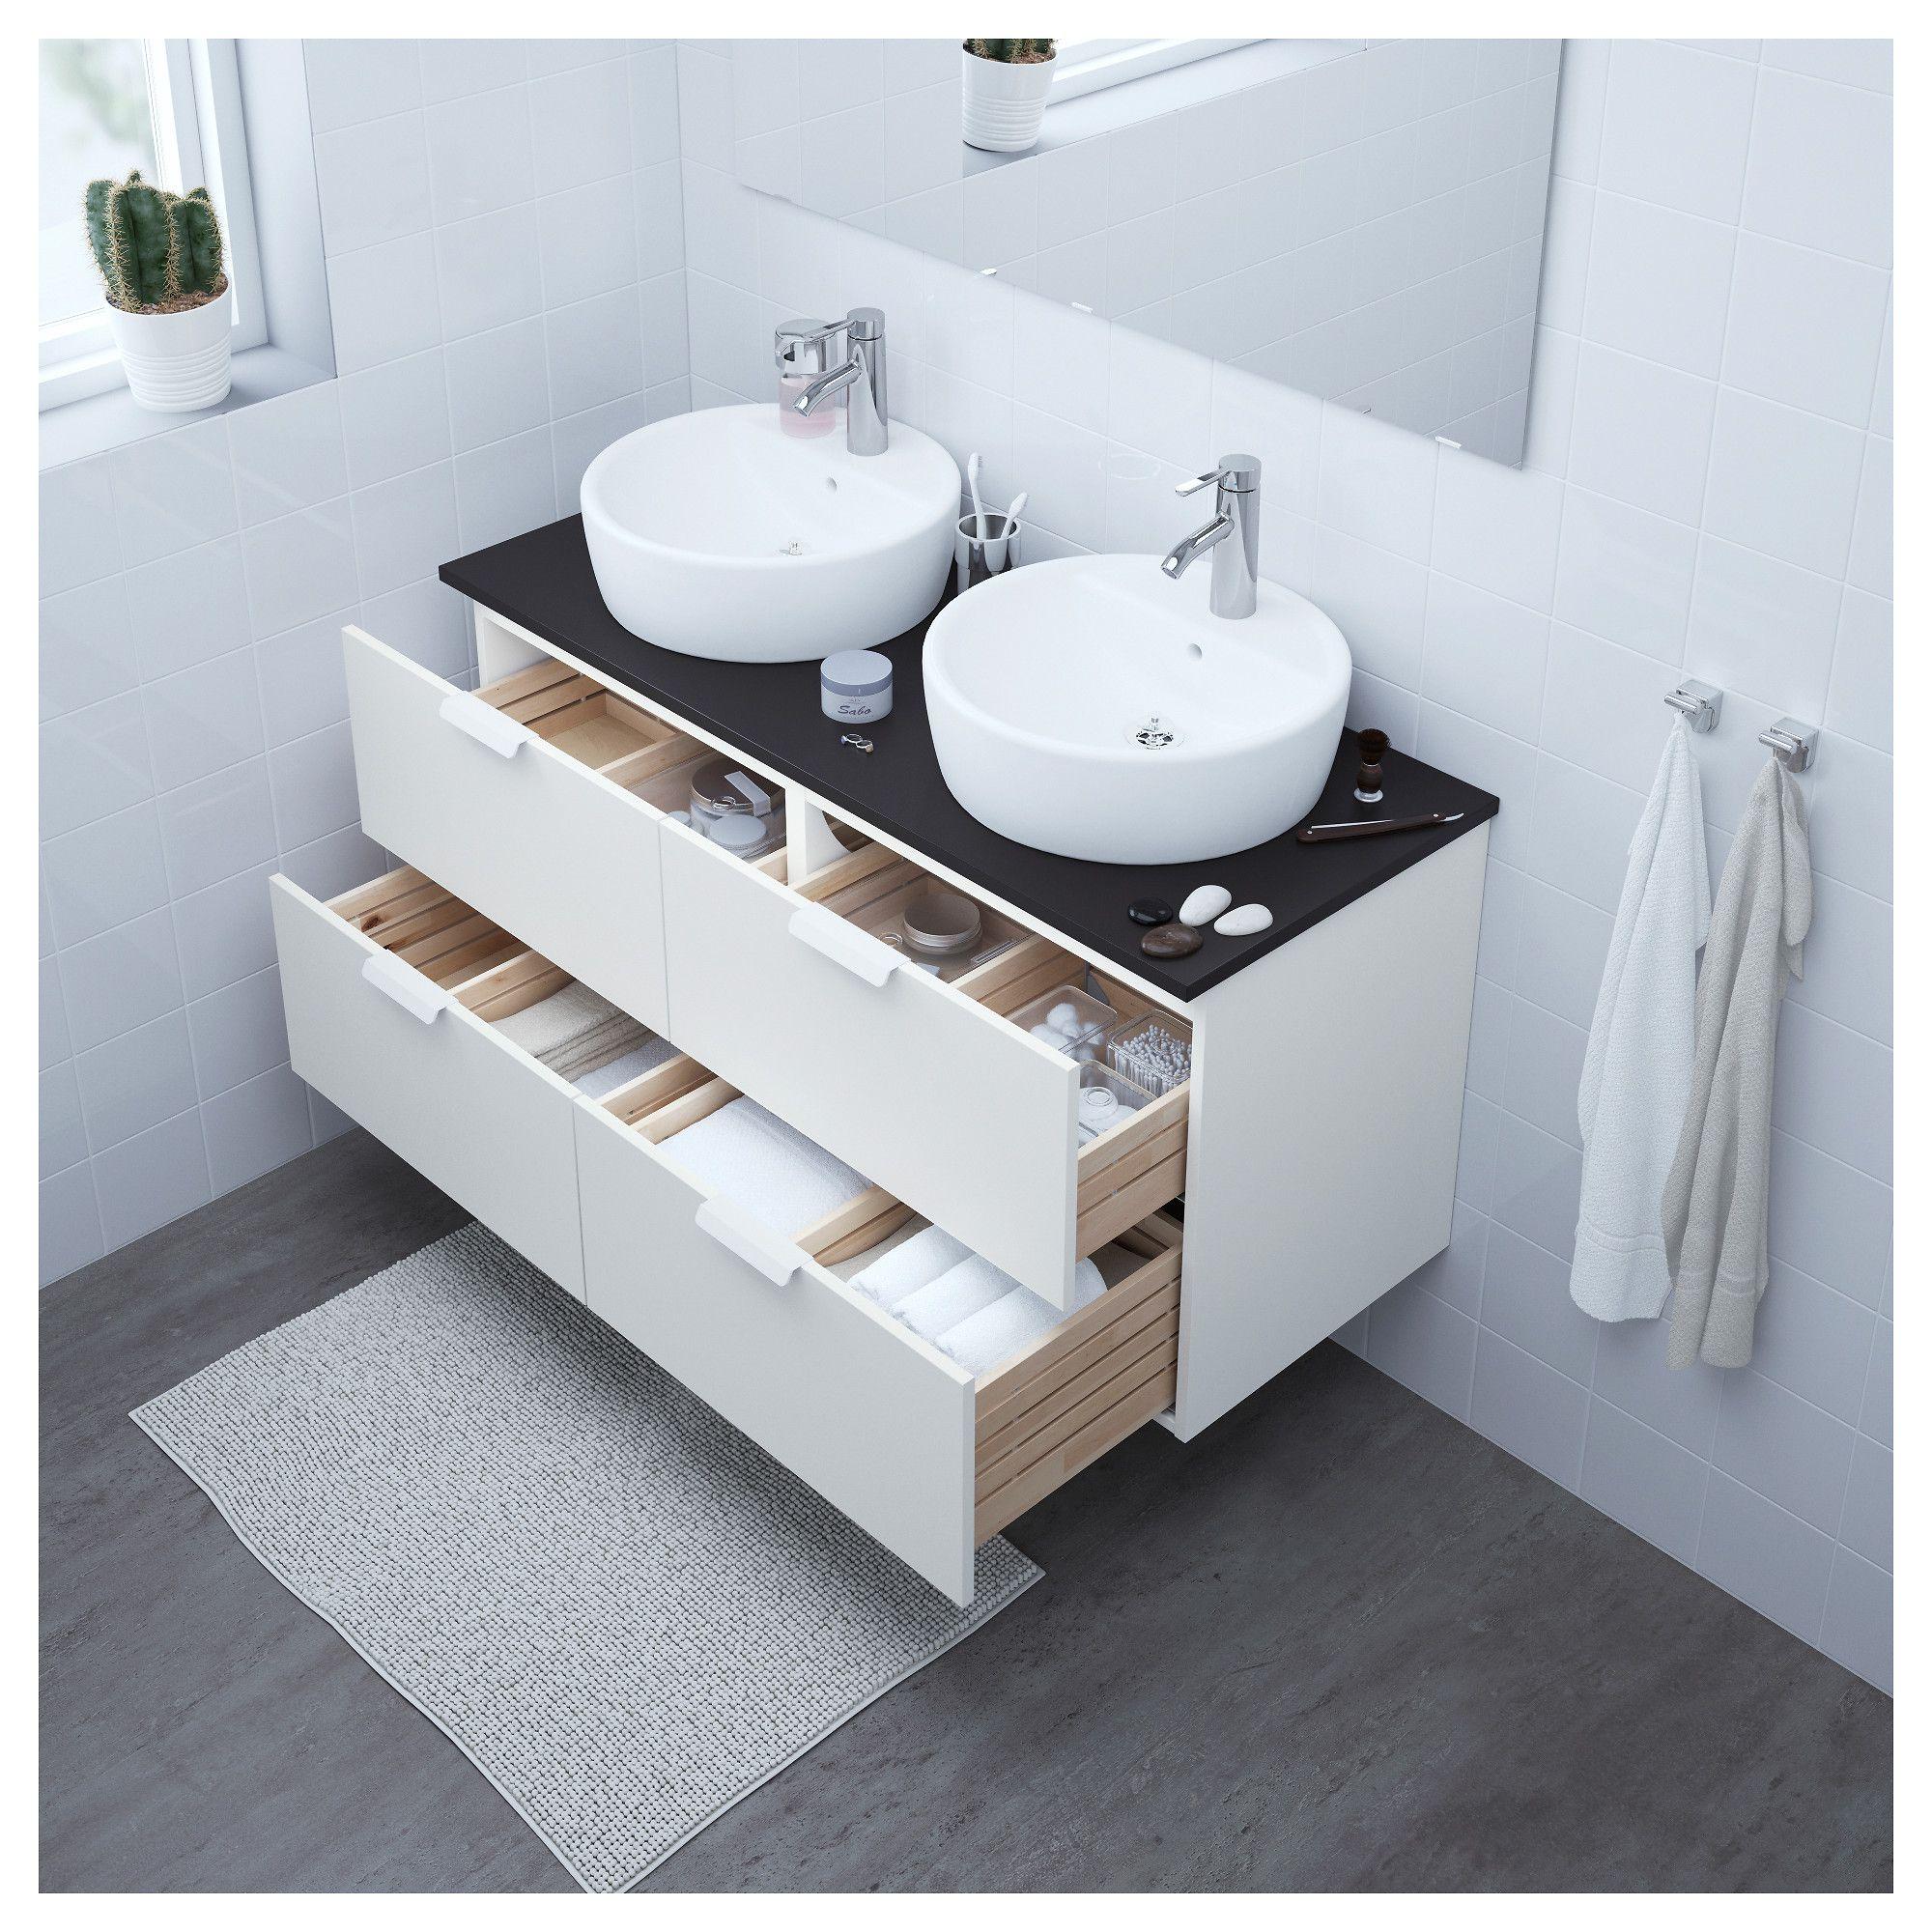 Strange Ikea Godmorgon Tolken Tornviken White Anthracite Cabinet Download Free Architecture Designs Intelgarnamadebymaigaardcom